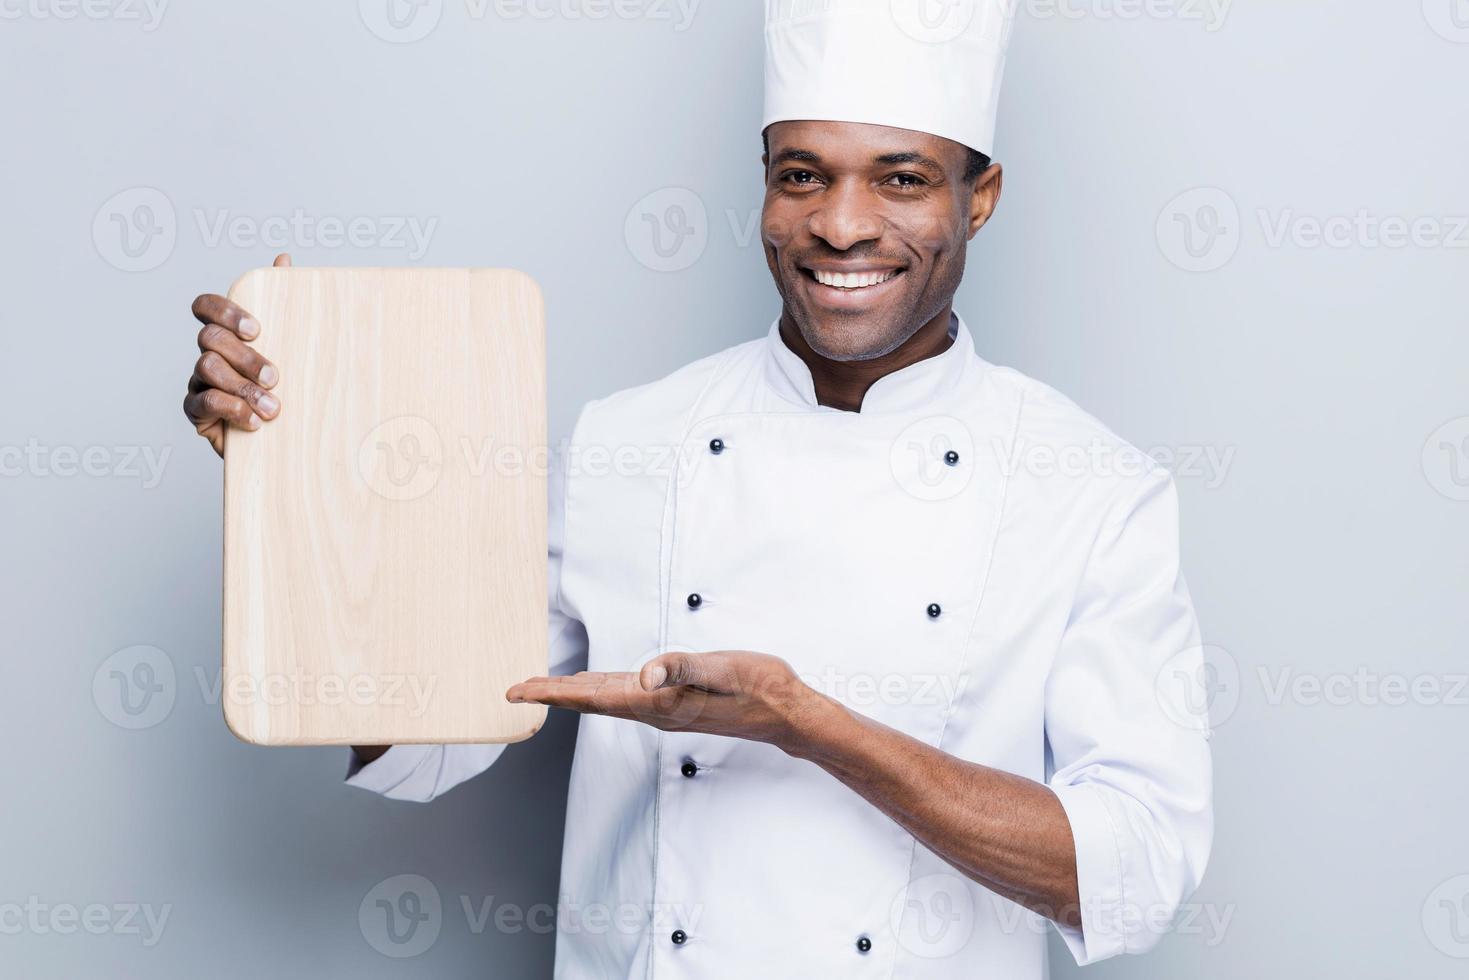 oferta especial del chef. foto